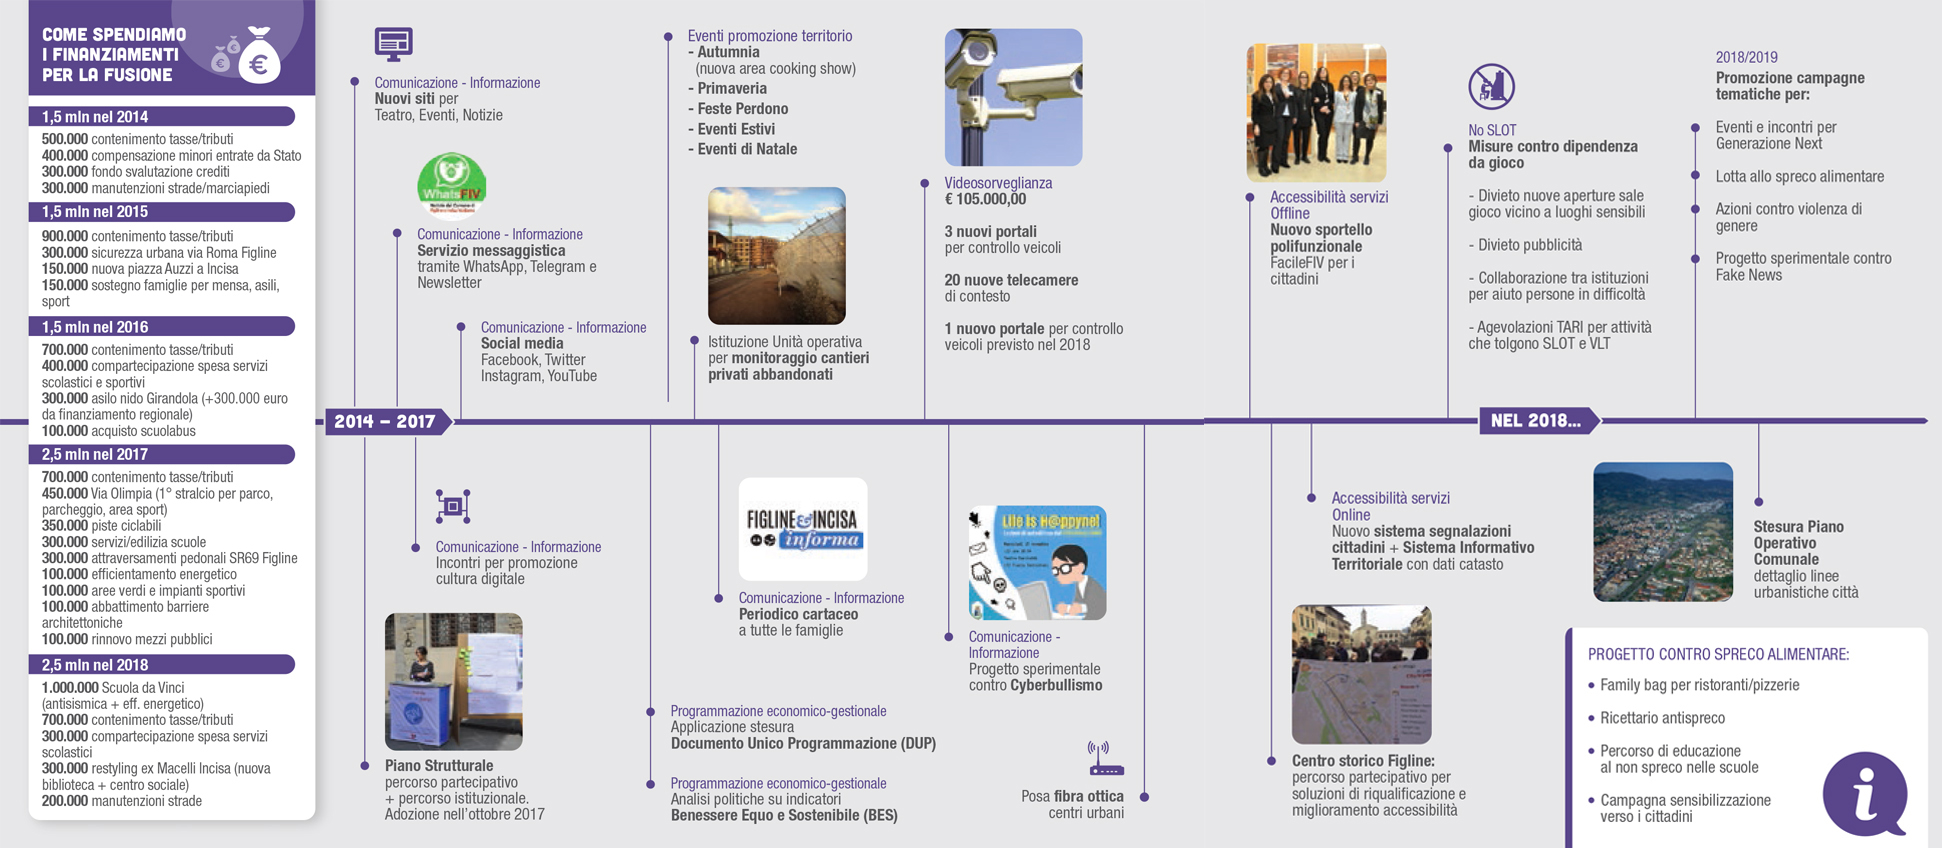 innovazione territorio timeline